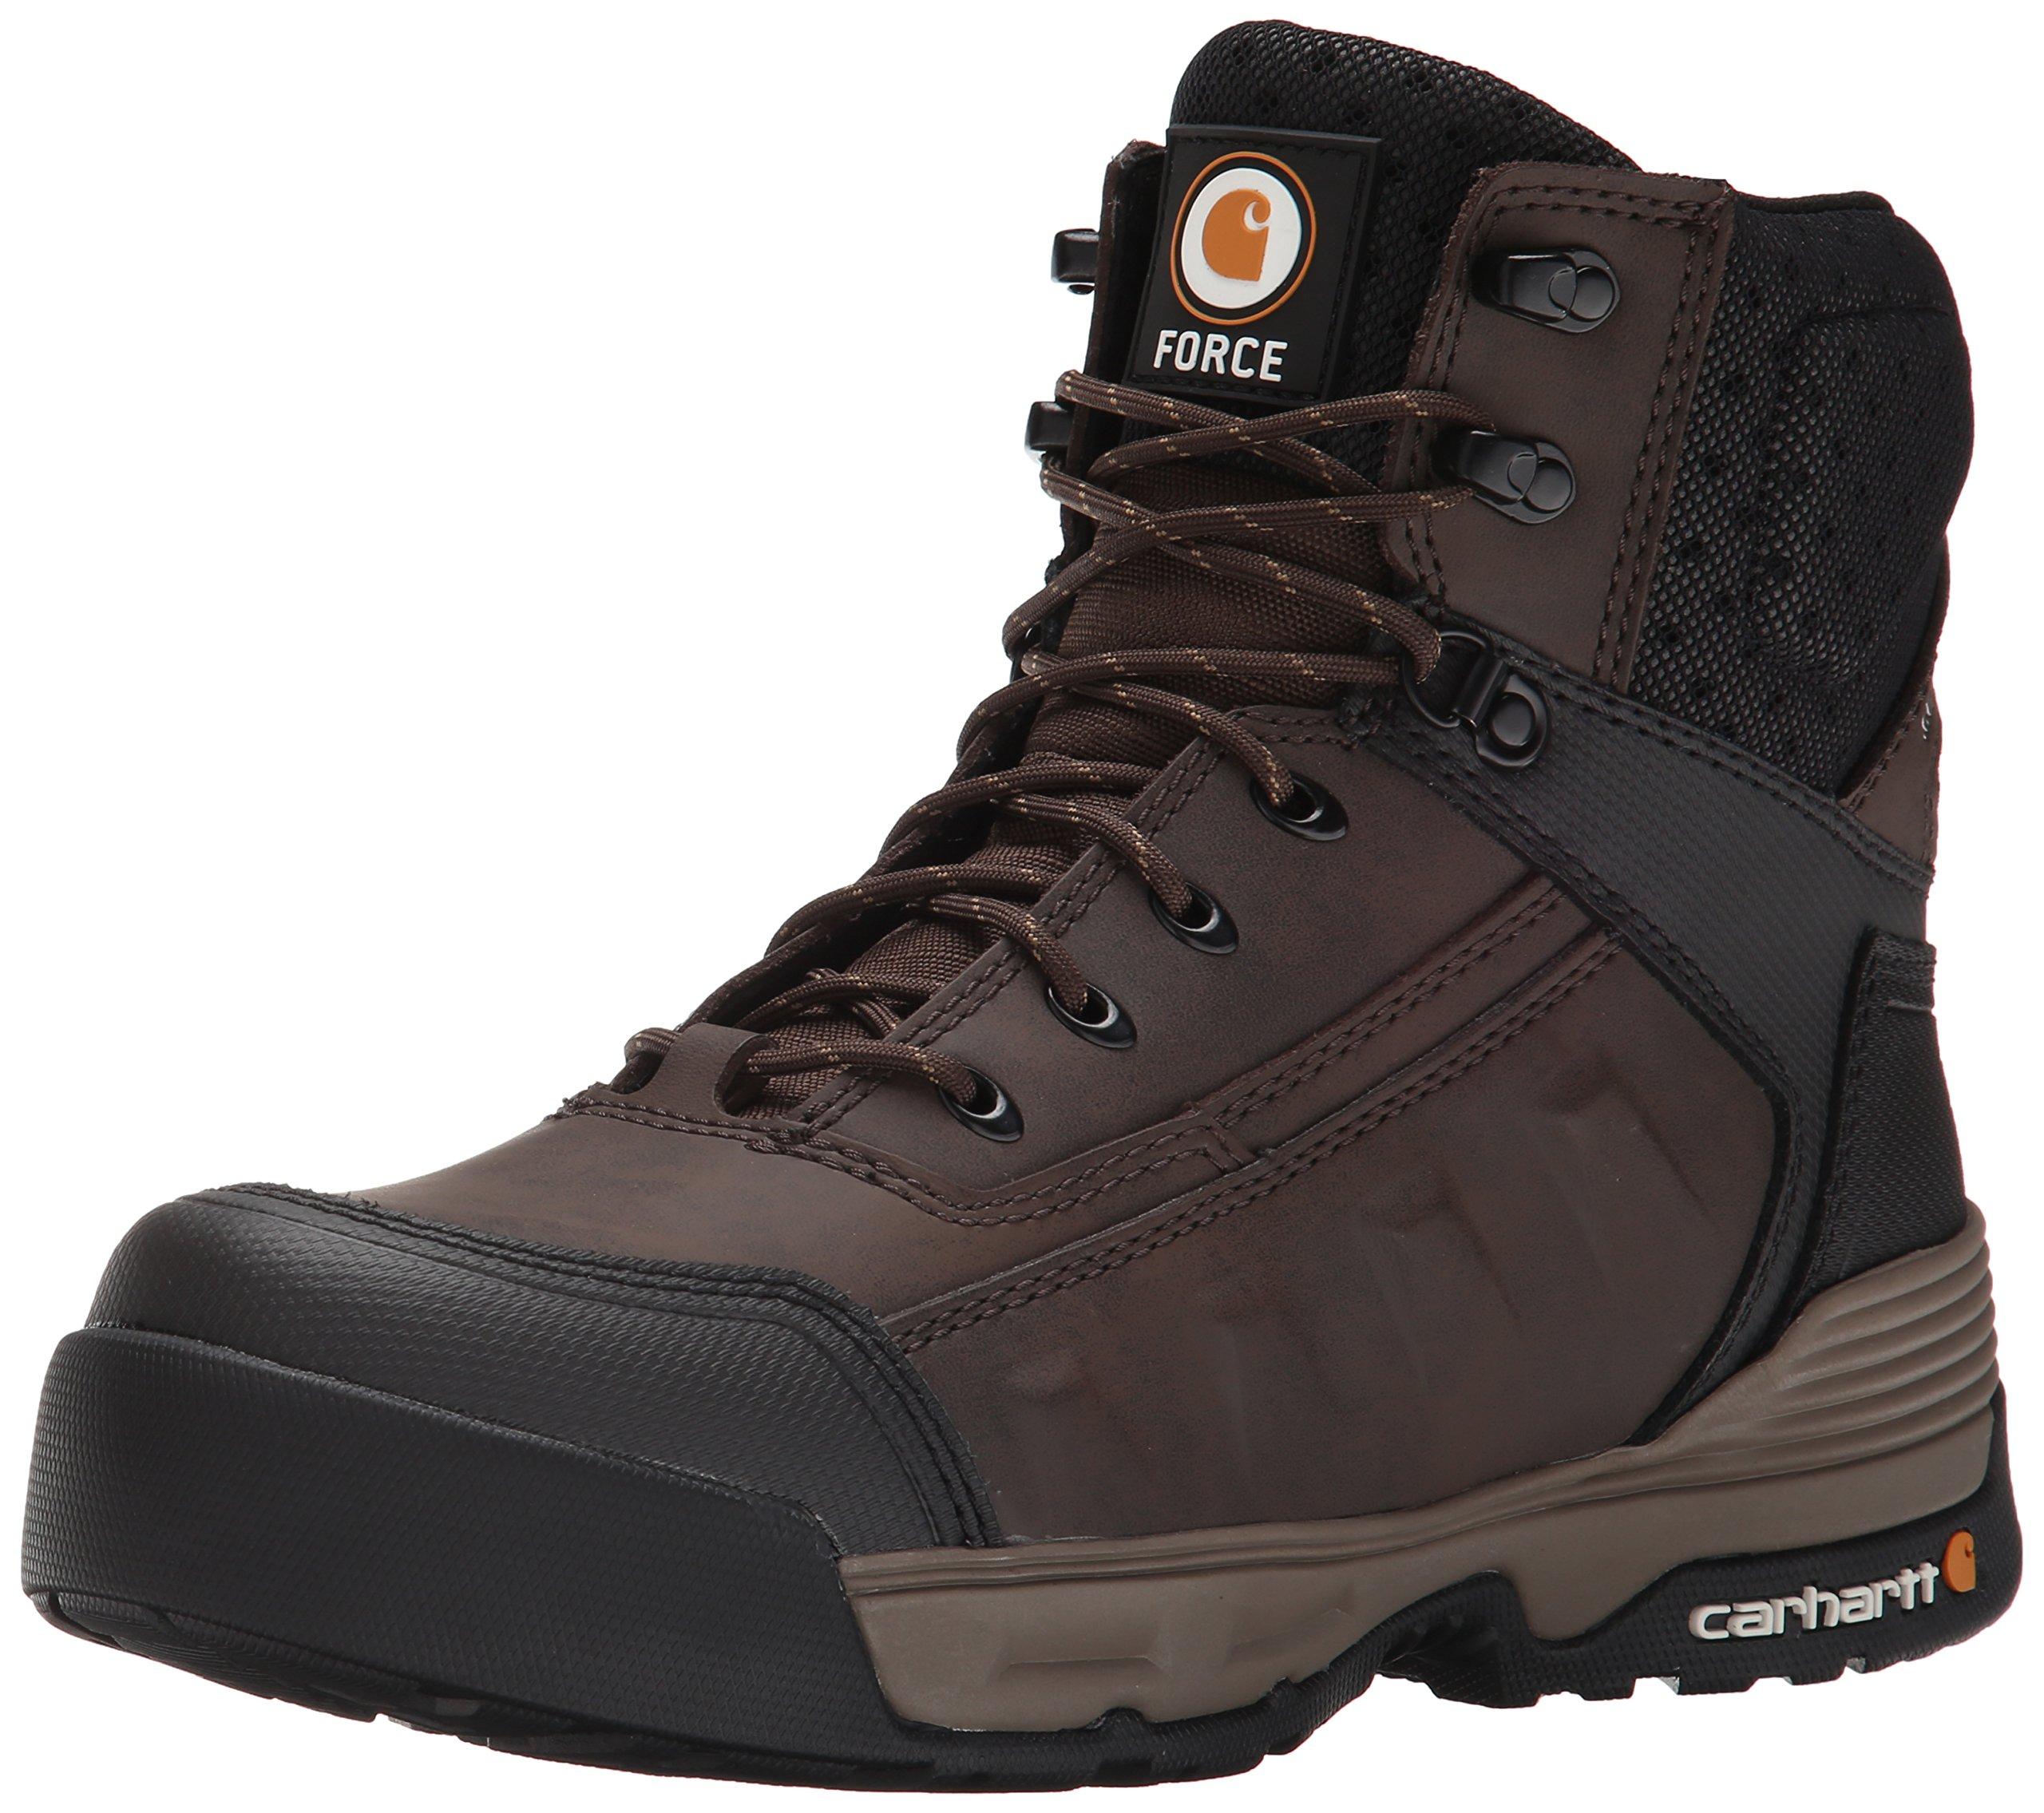 """Carhartt Men's 6"""" Force Light Weight Waterproof Work Boot"""